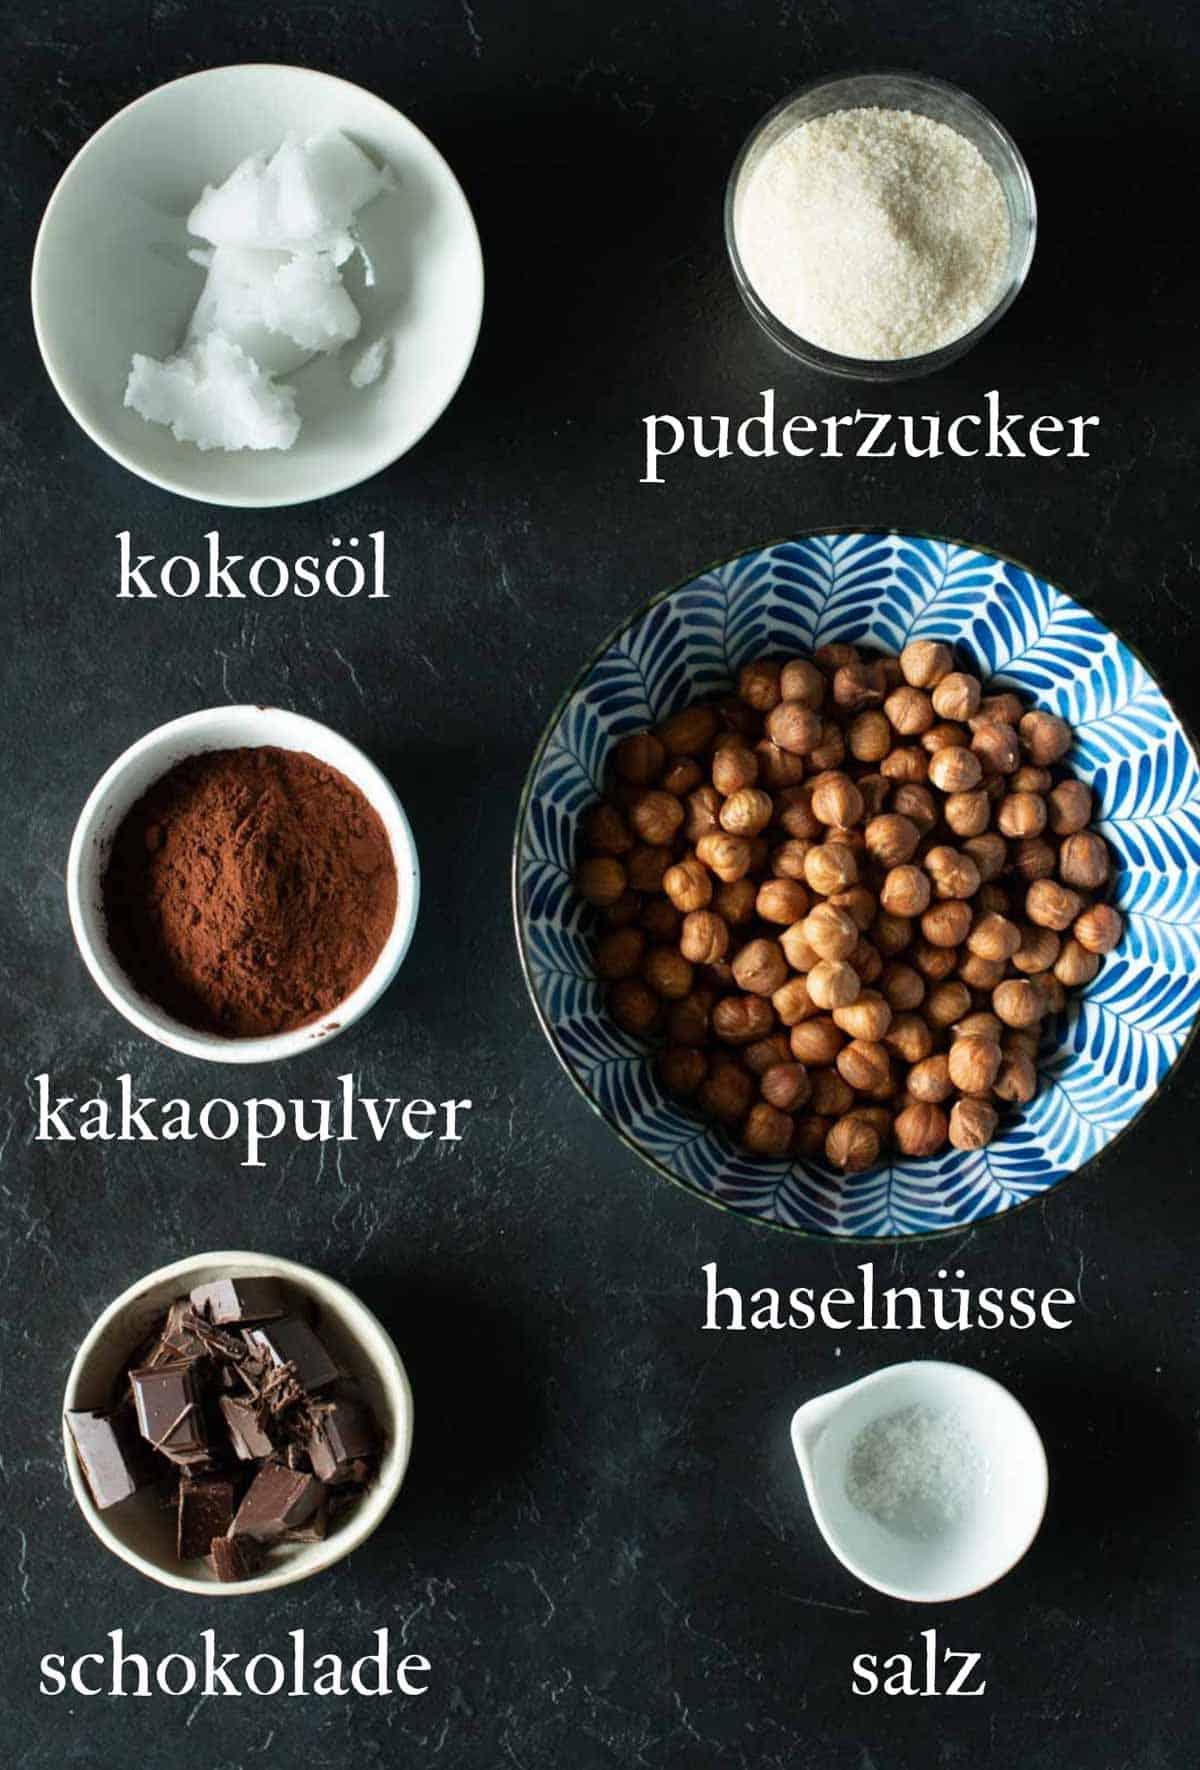 Bild von der Zutaten zum Nutella selber machen